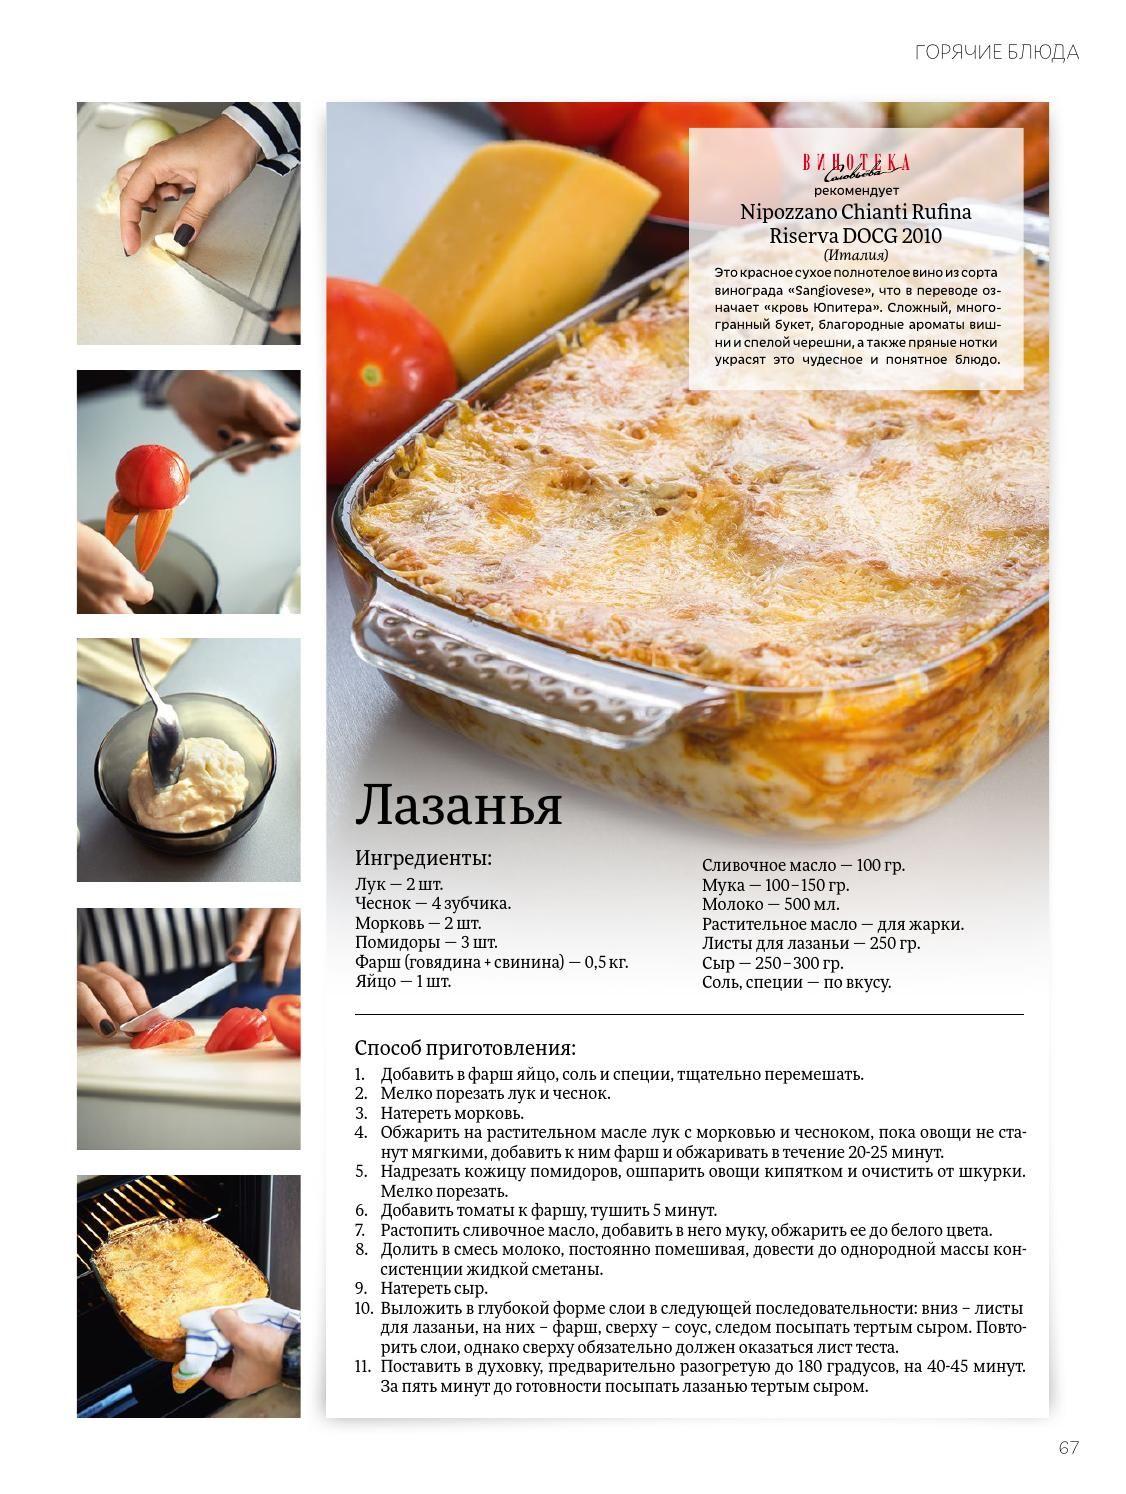 Не стандартные рецепты блюд